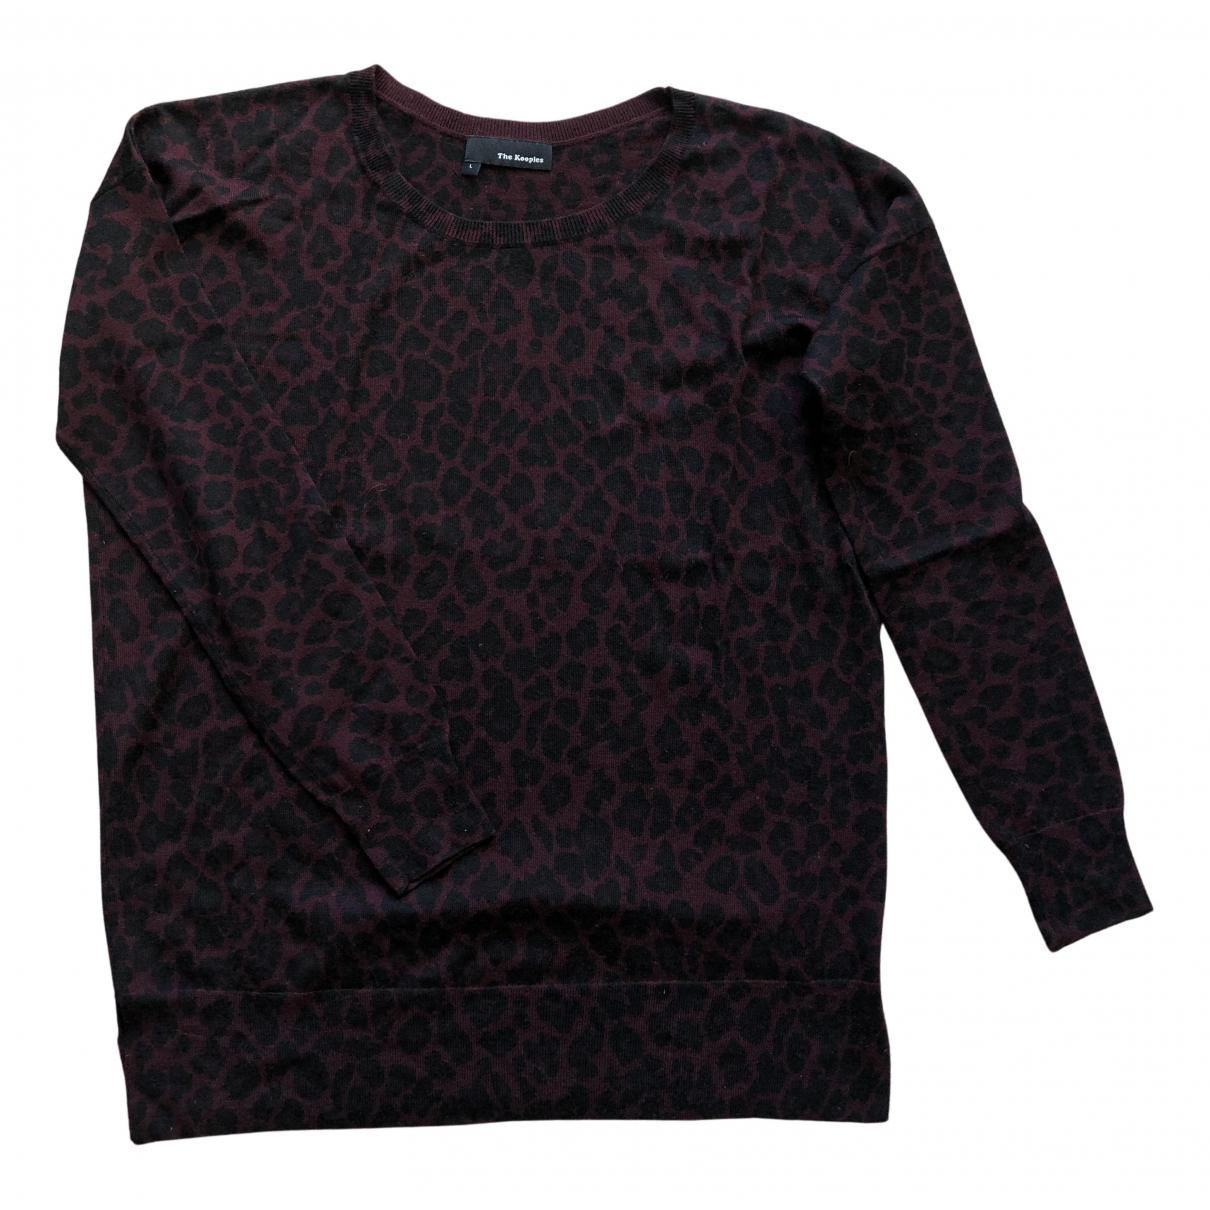 The Kooples N Burgundy Wool Knitwear for Women L International